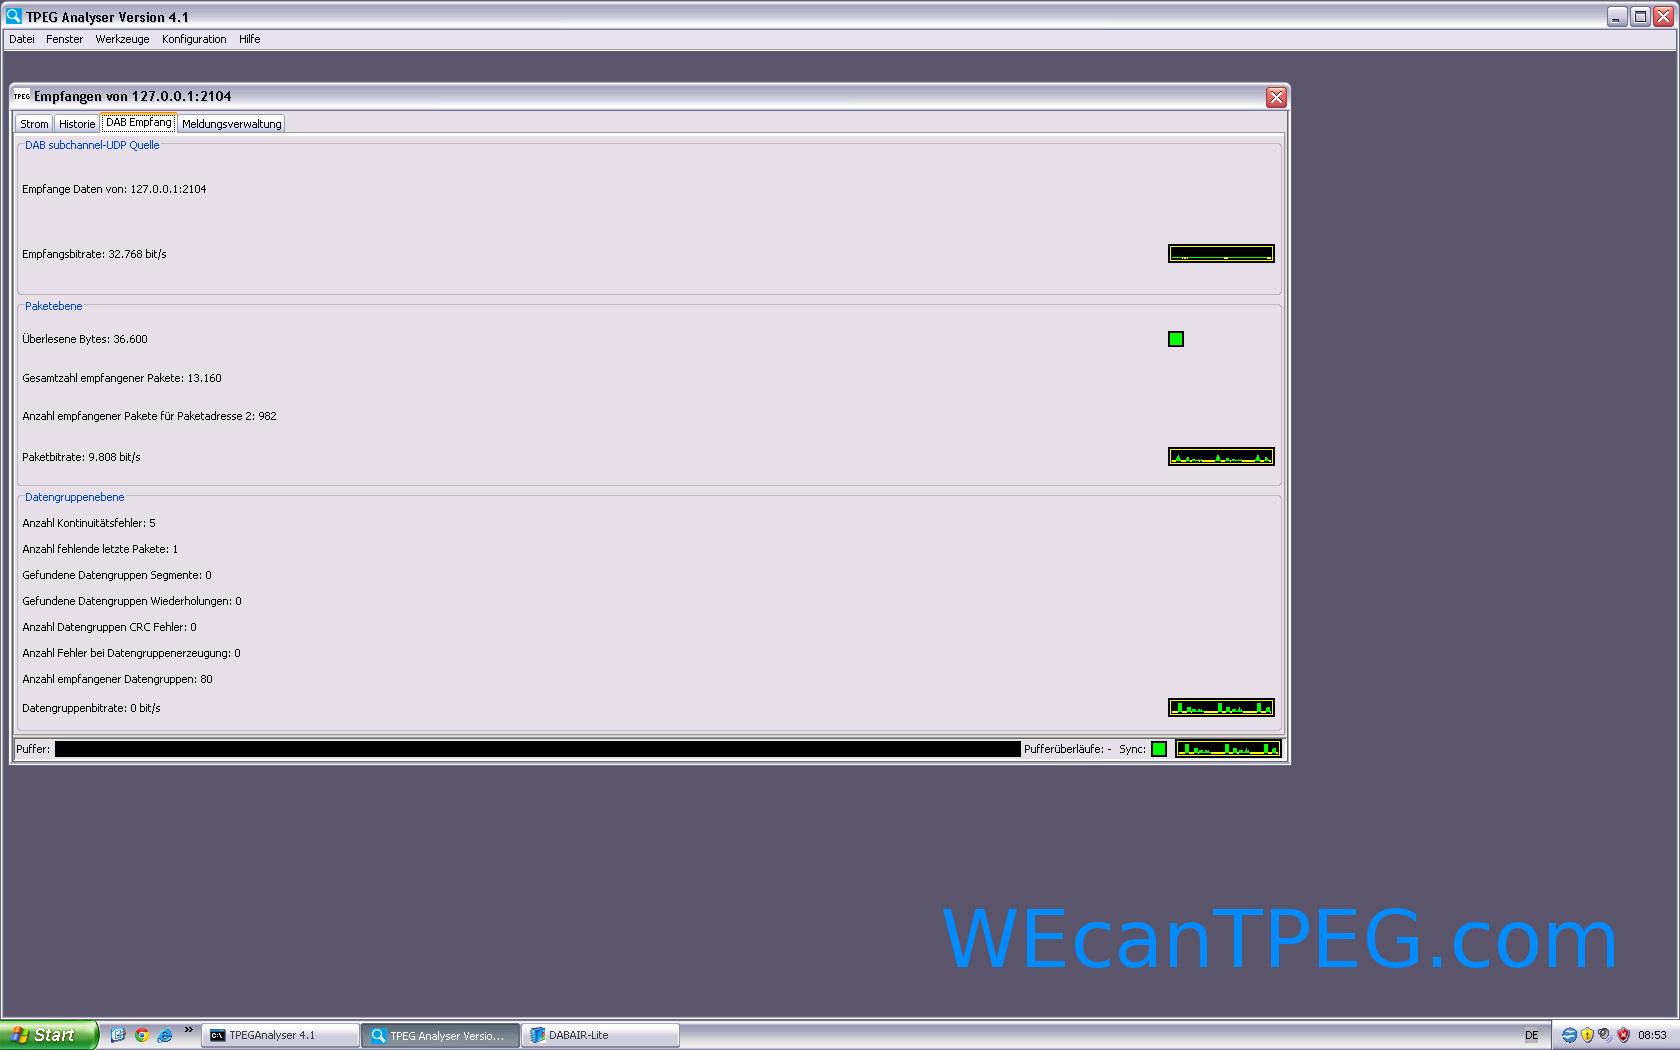 scr subchannel via udp lg jpg